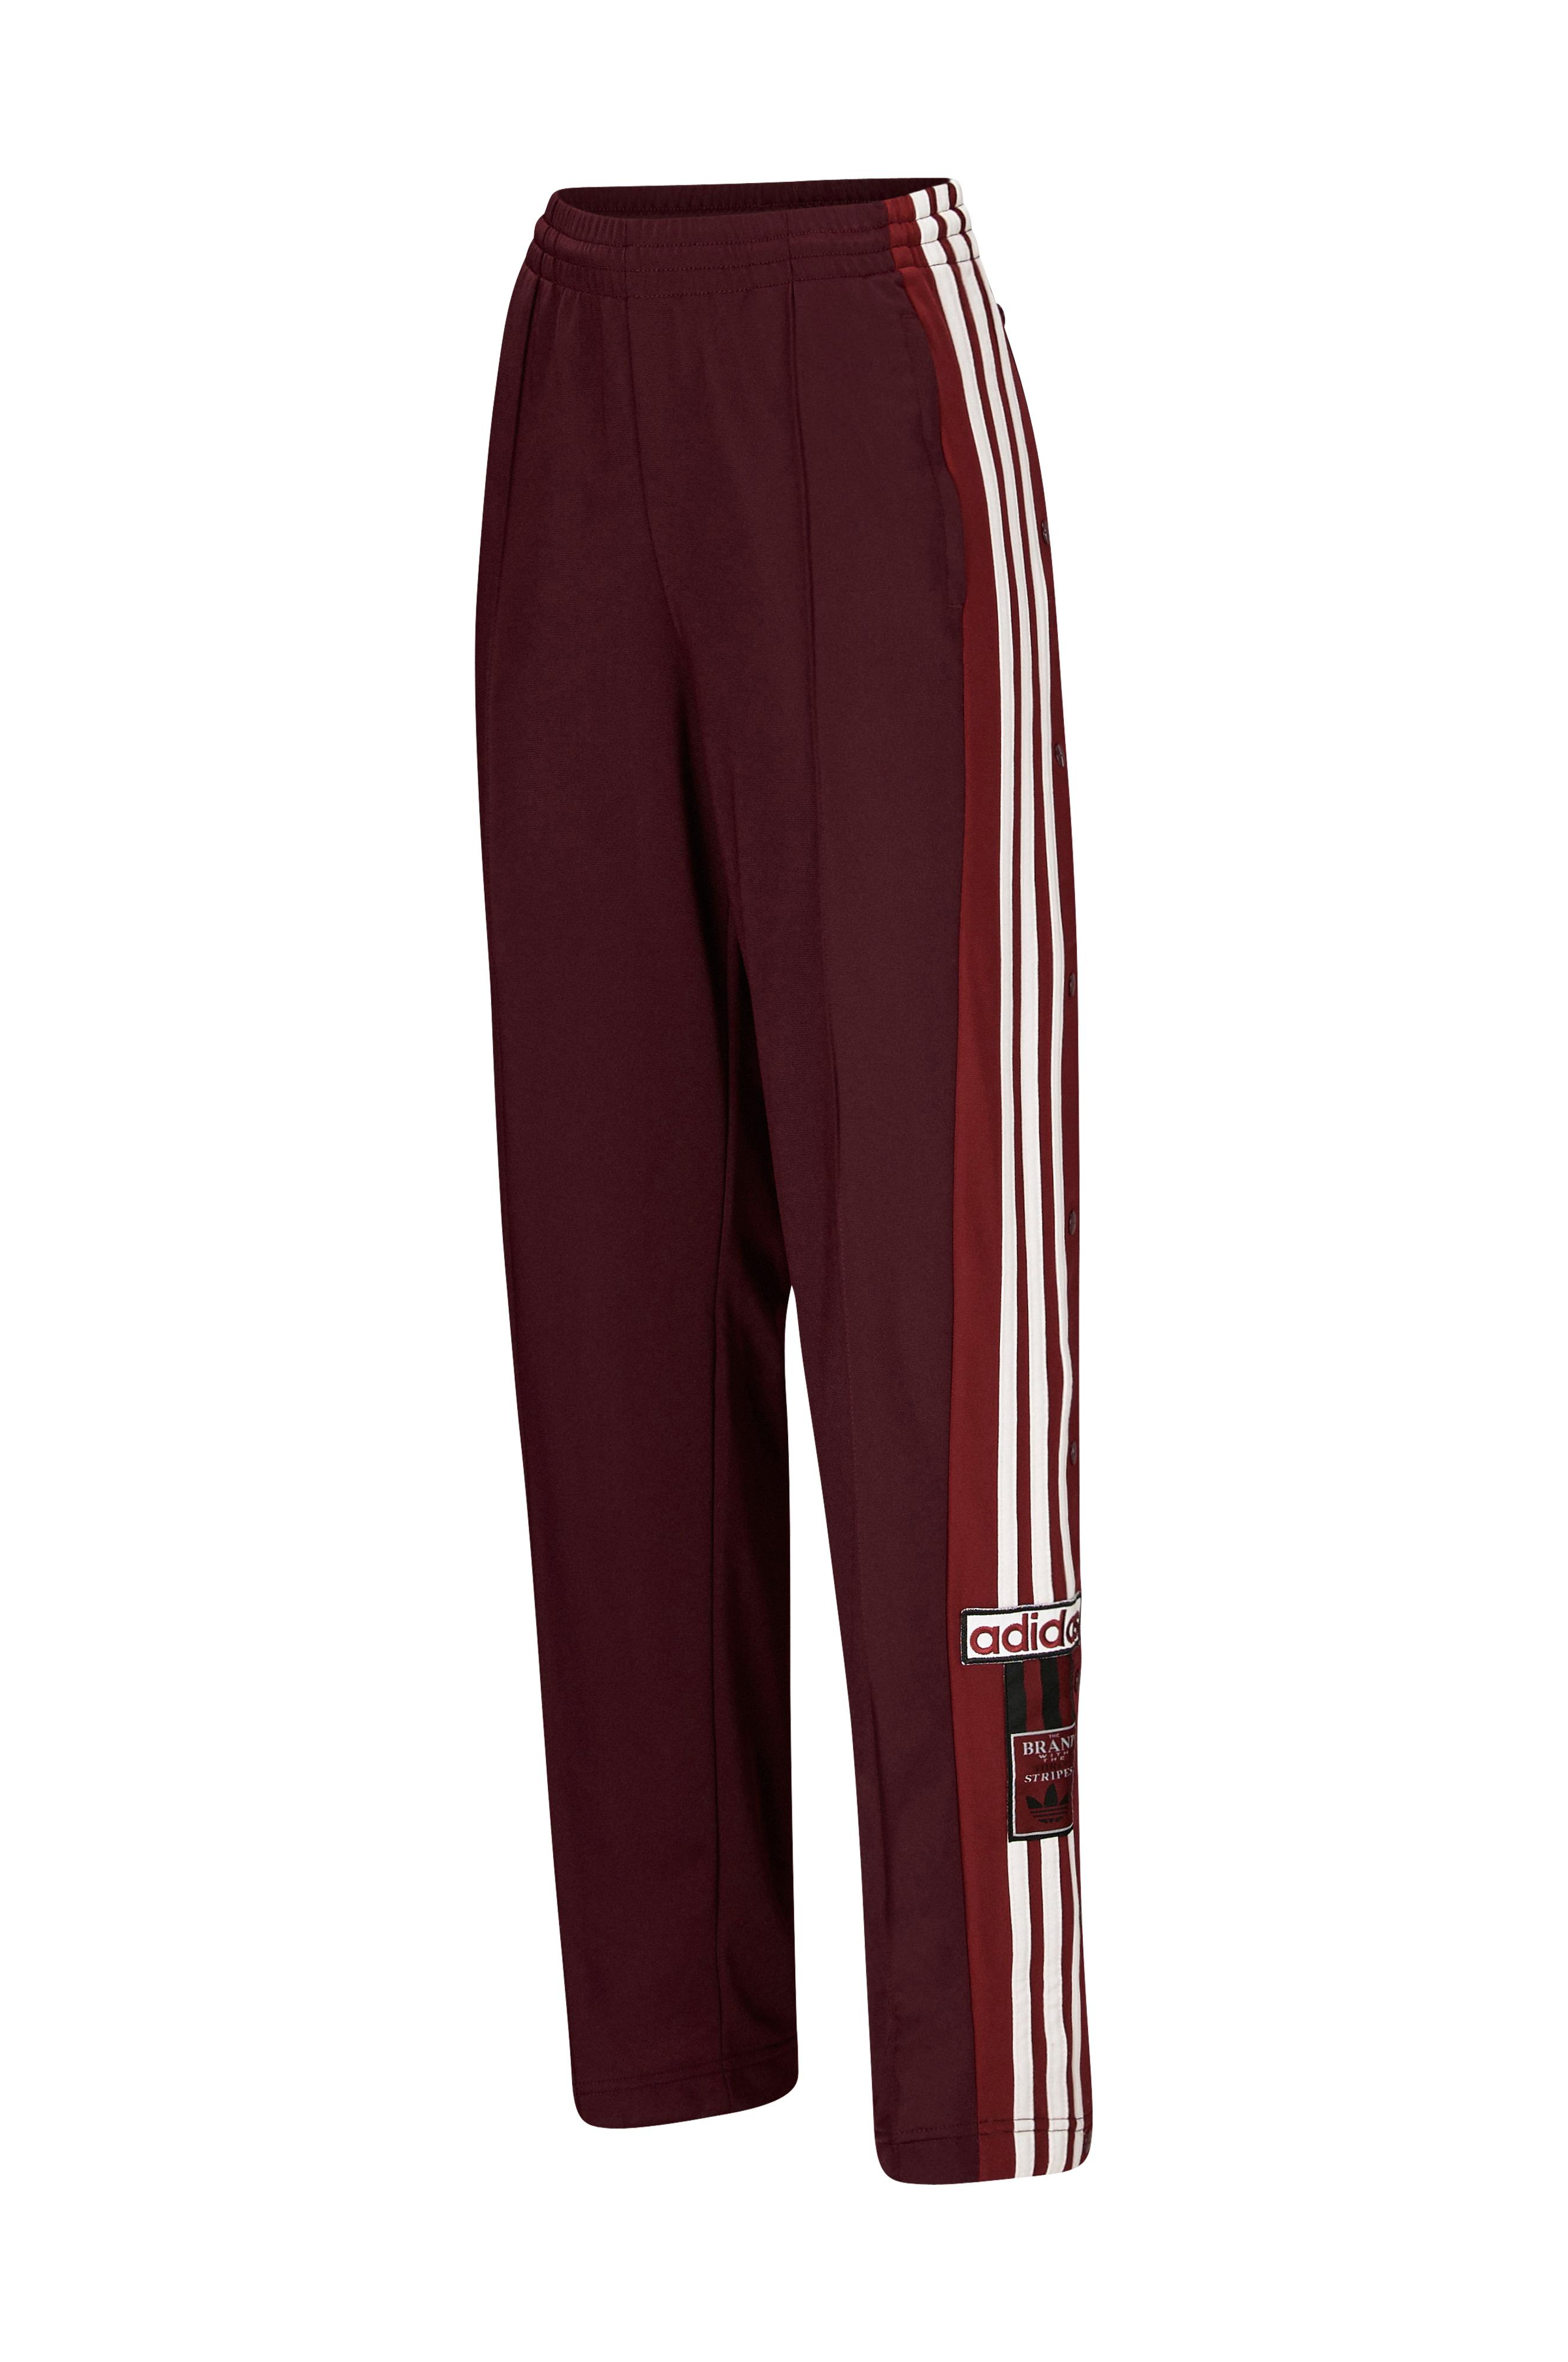 d374c2e3 adidas Originals Bukse Adibreak Track Pants - Rød - Dame - Ellos.no